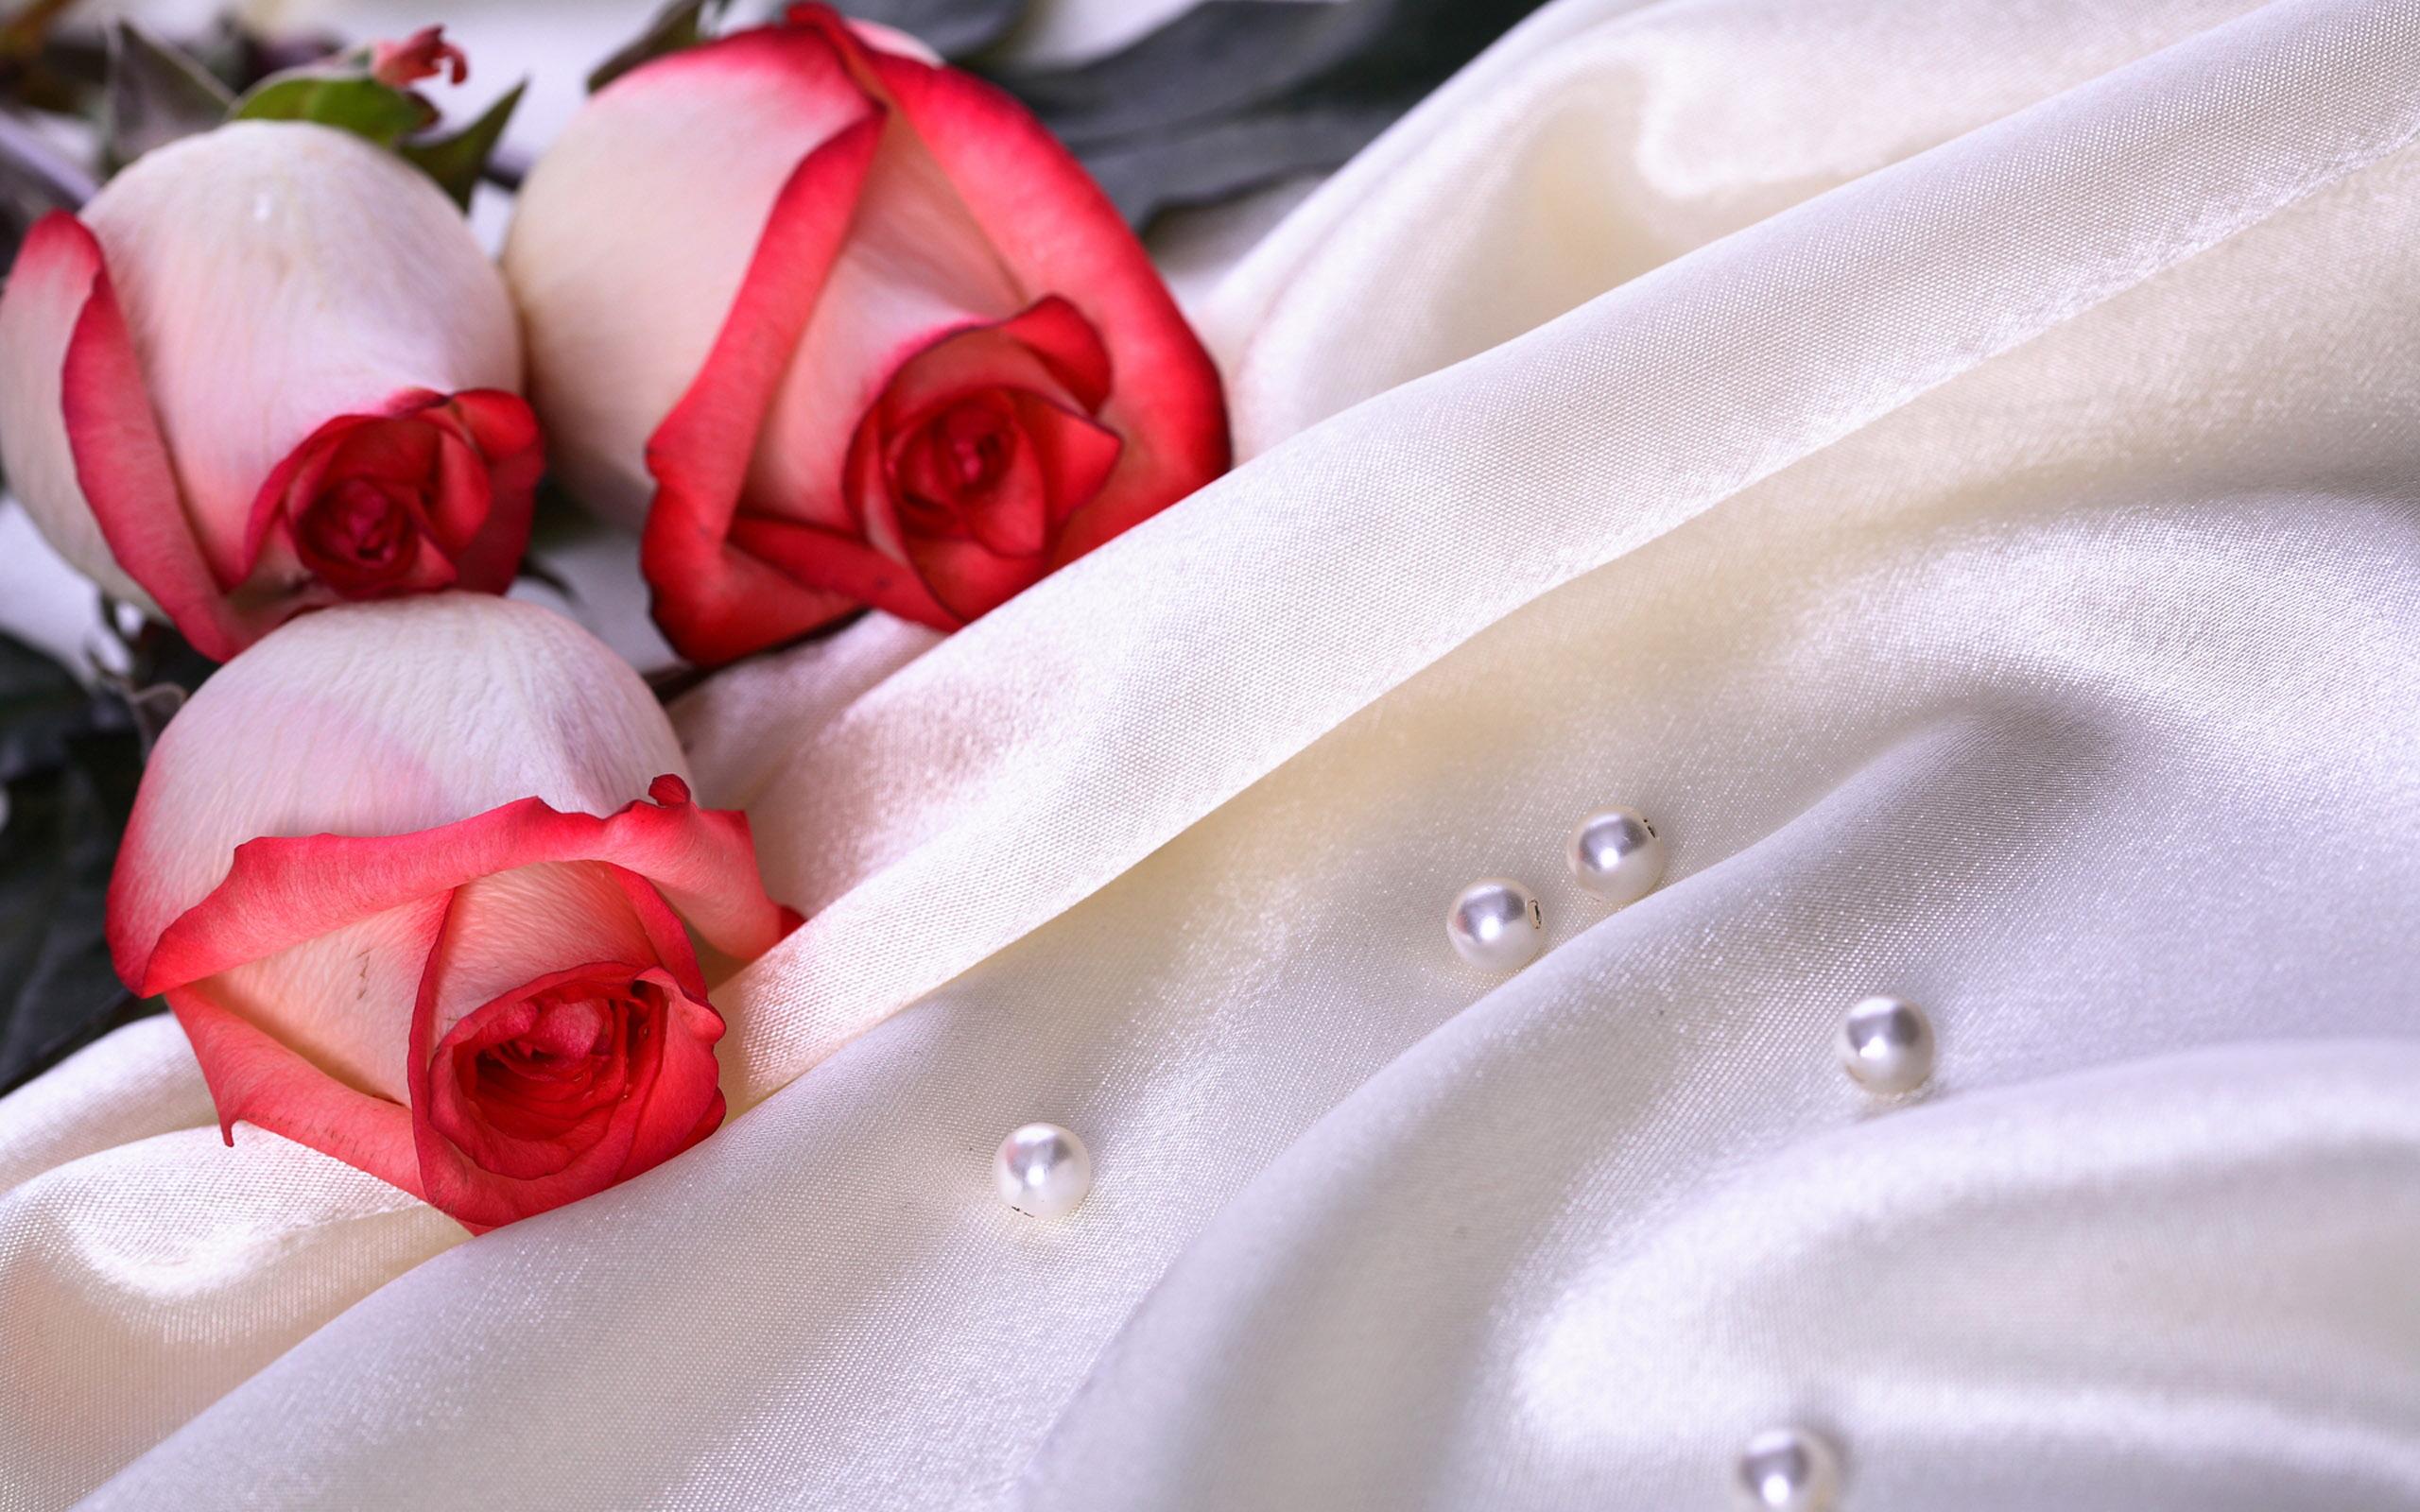 нежно-кремовые свадебные розы  № 1323079 без смс